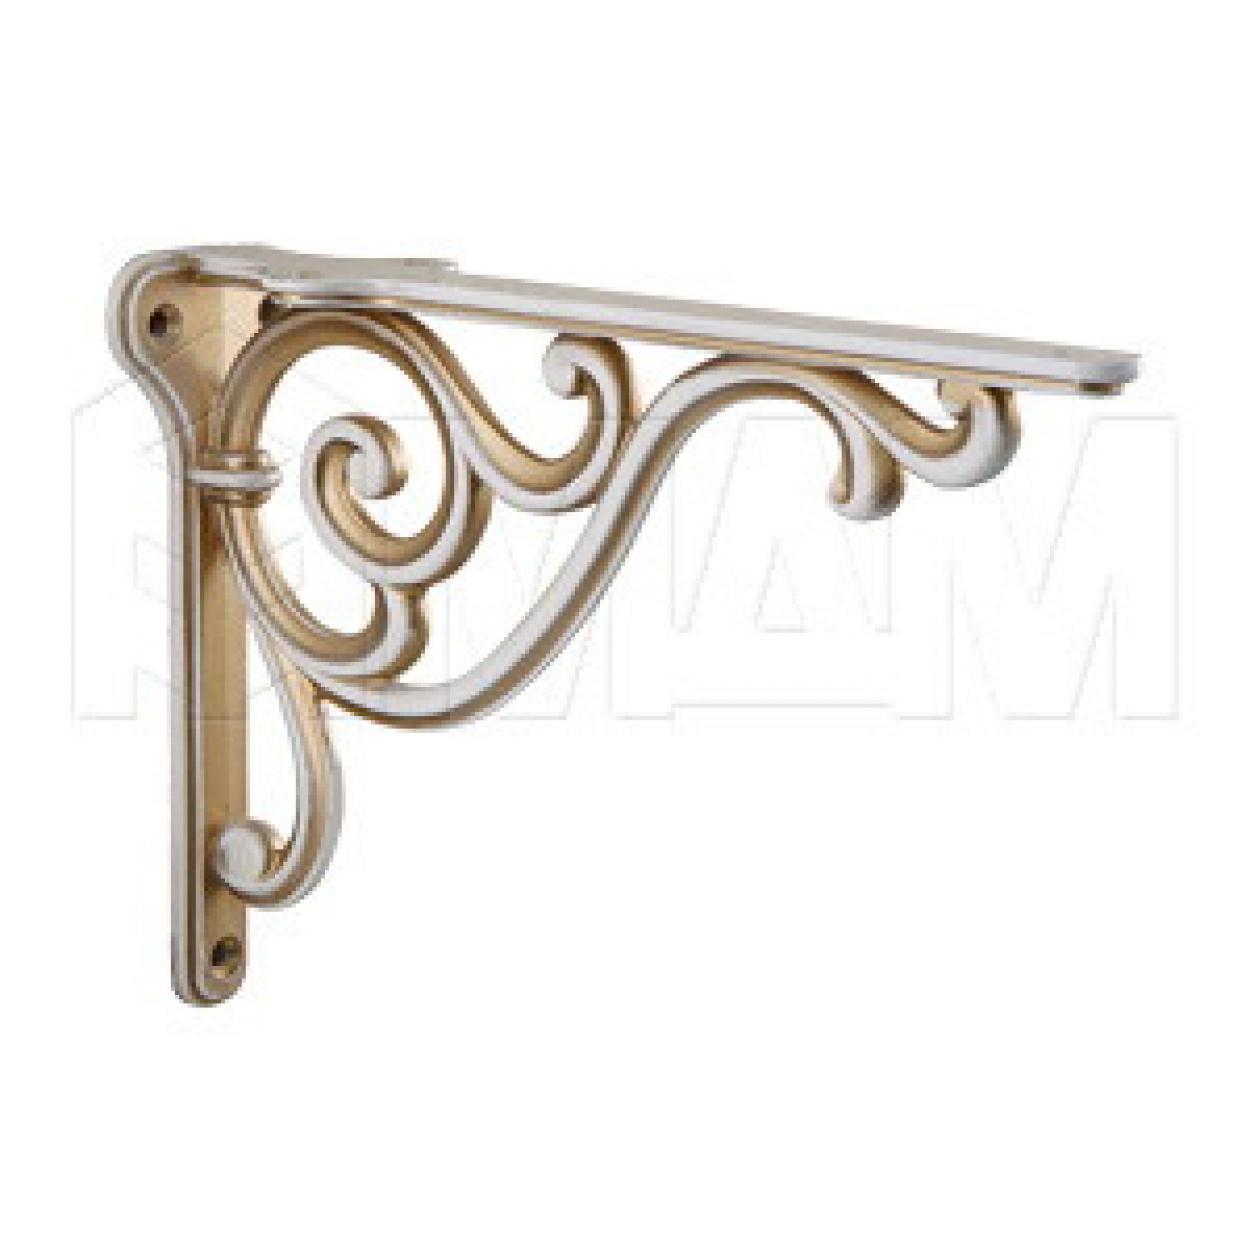 ROME Менсолодержатель для деревянных полок L-200 мм, cлоновая кость/золото винтаж